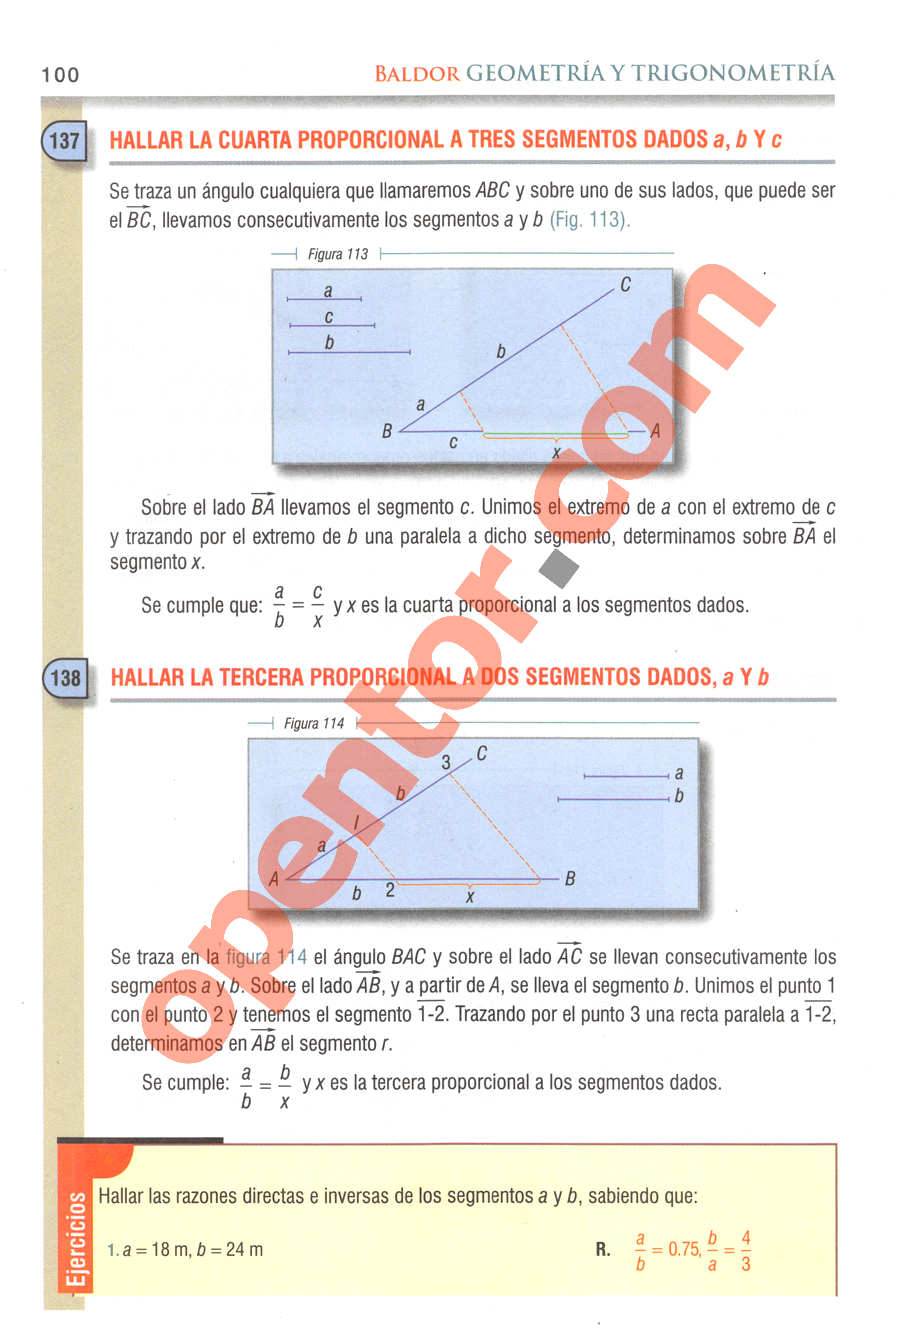 Geometría y Trigonometría de Baldor - Página 100